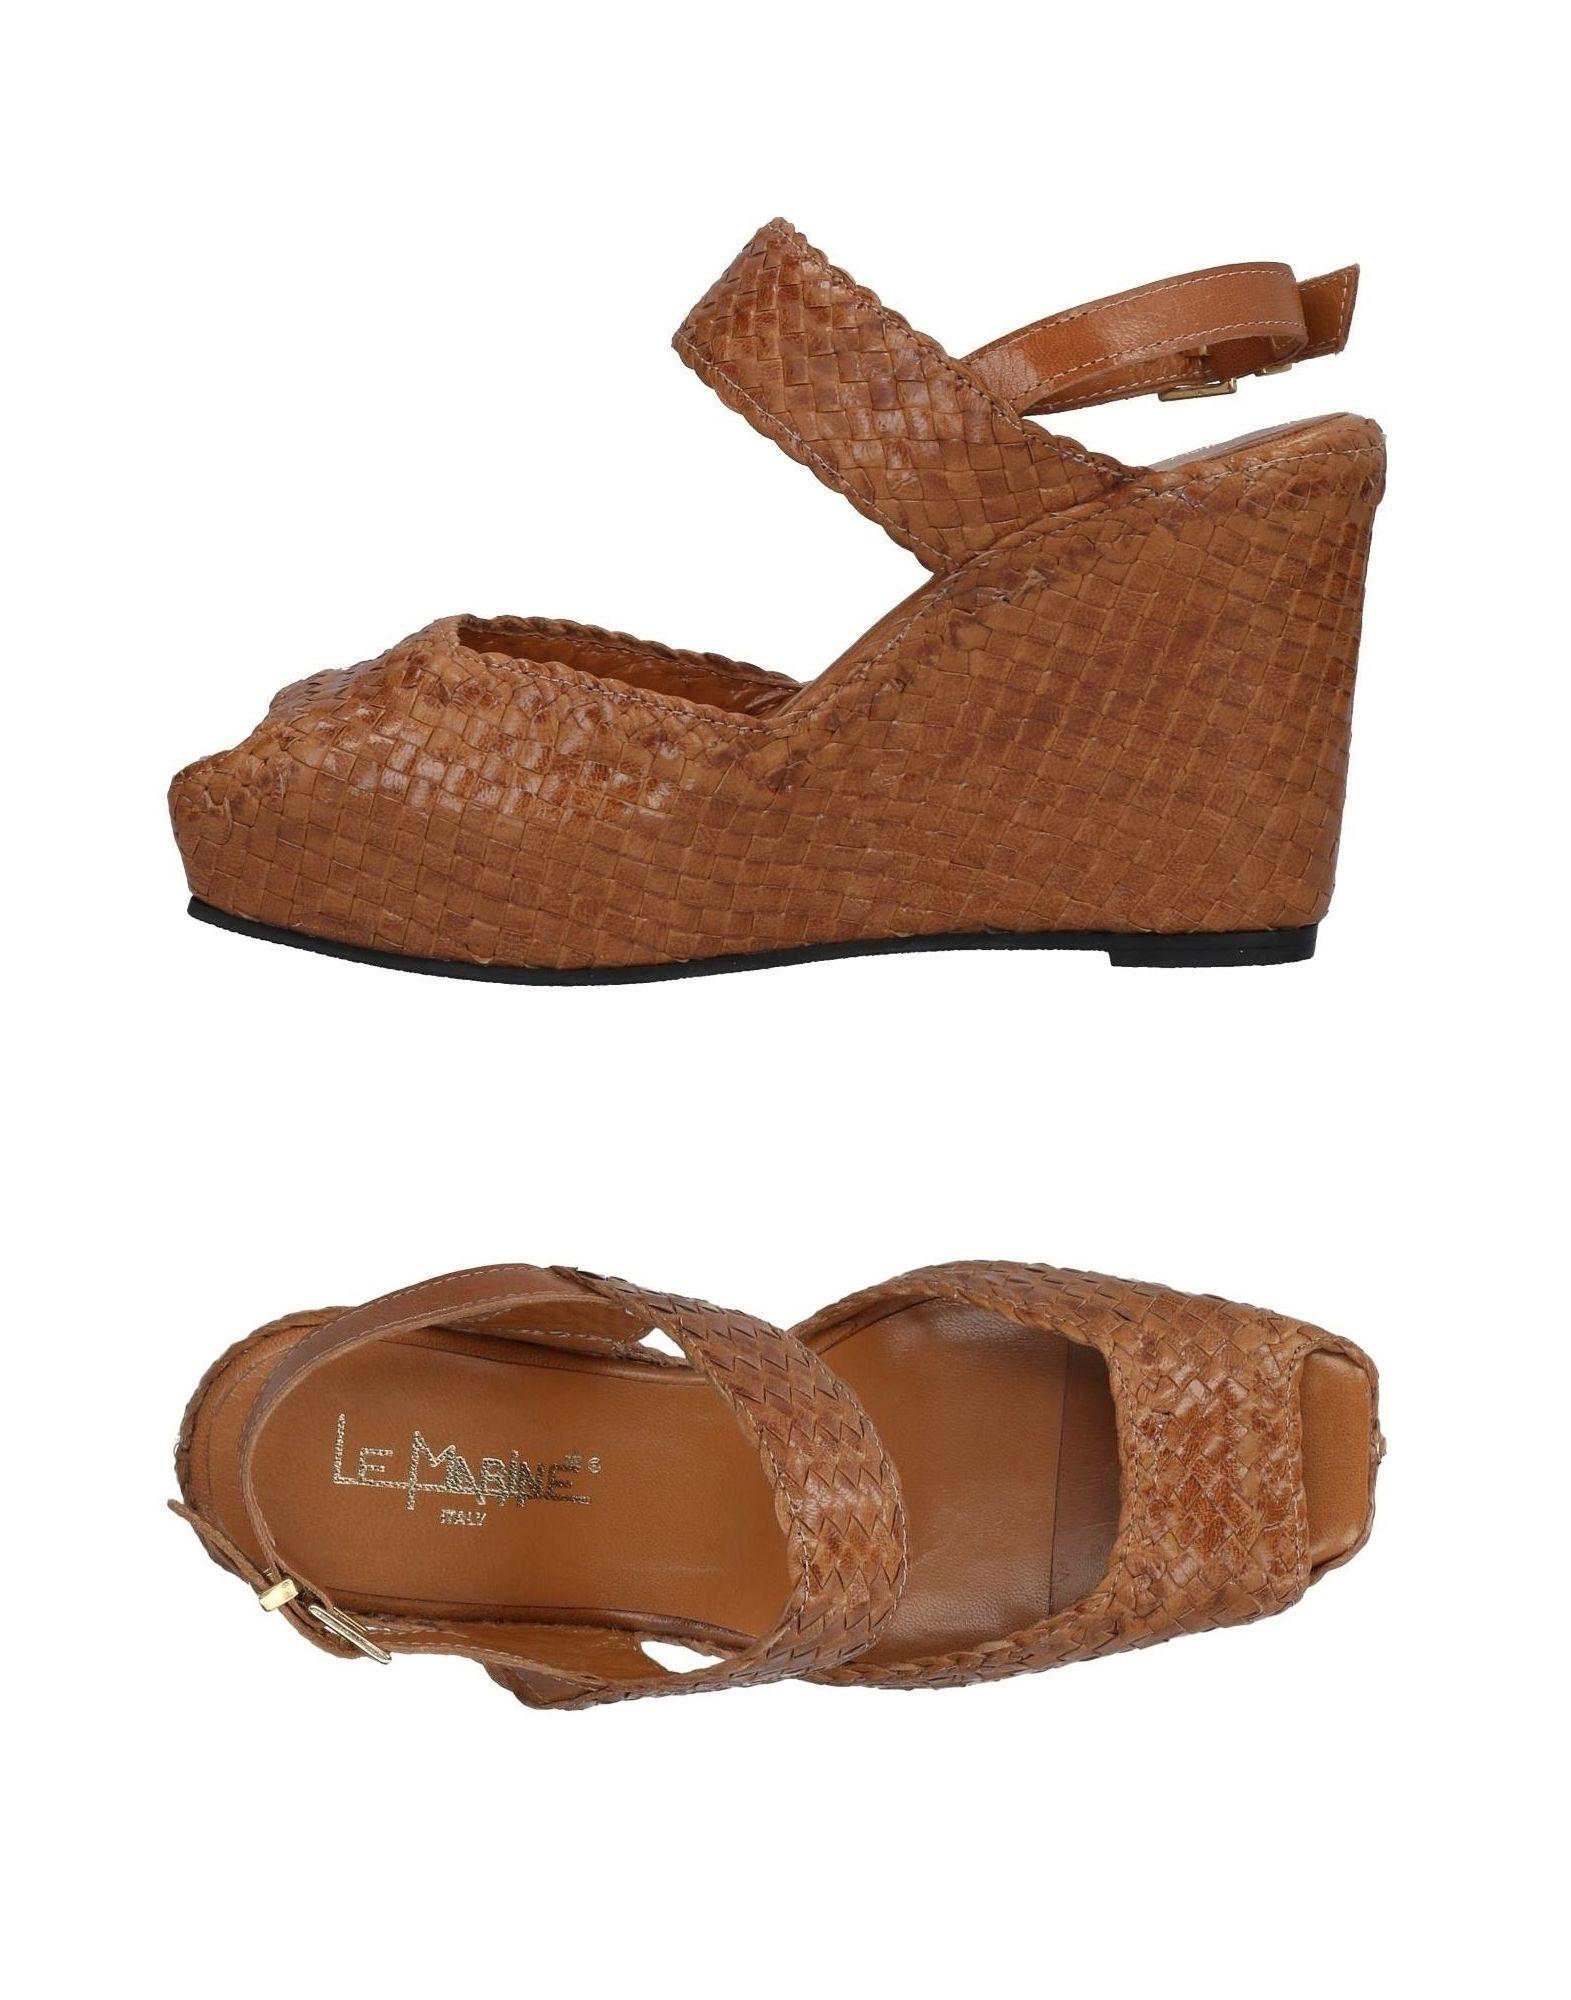 Le Marinē Sandals - Women on Le Marinē Sandals online on Women  Australia - 11486764PL 943758